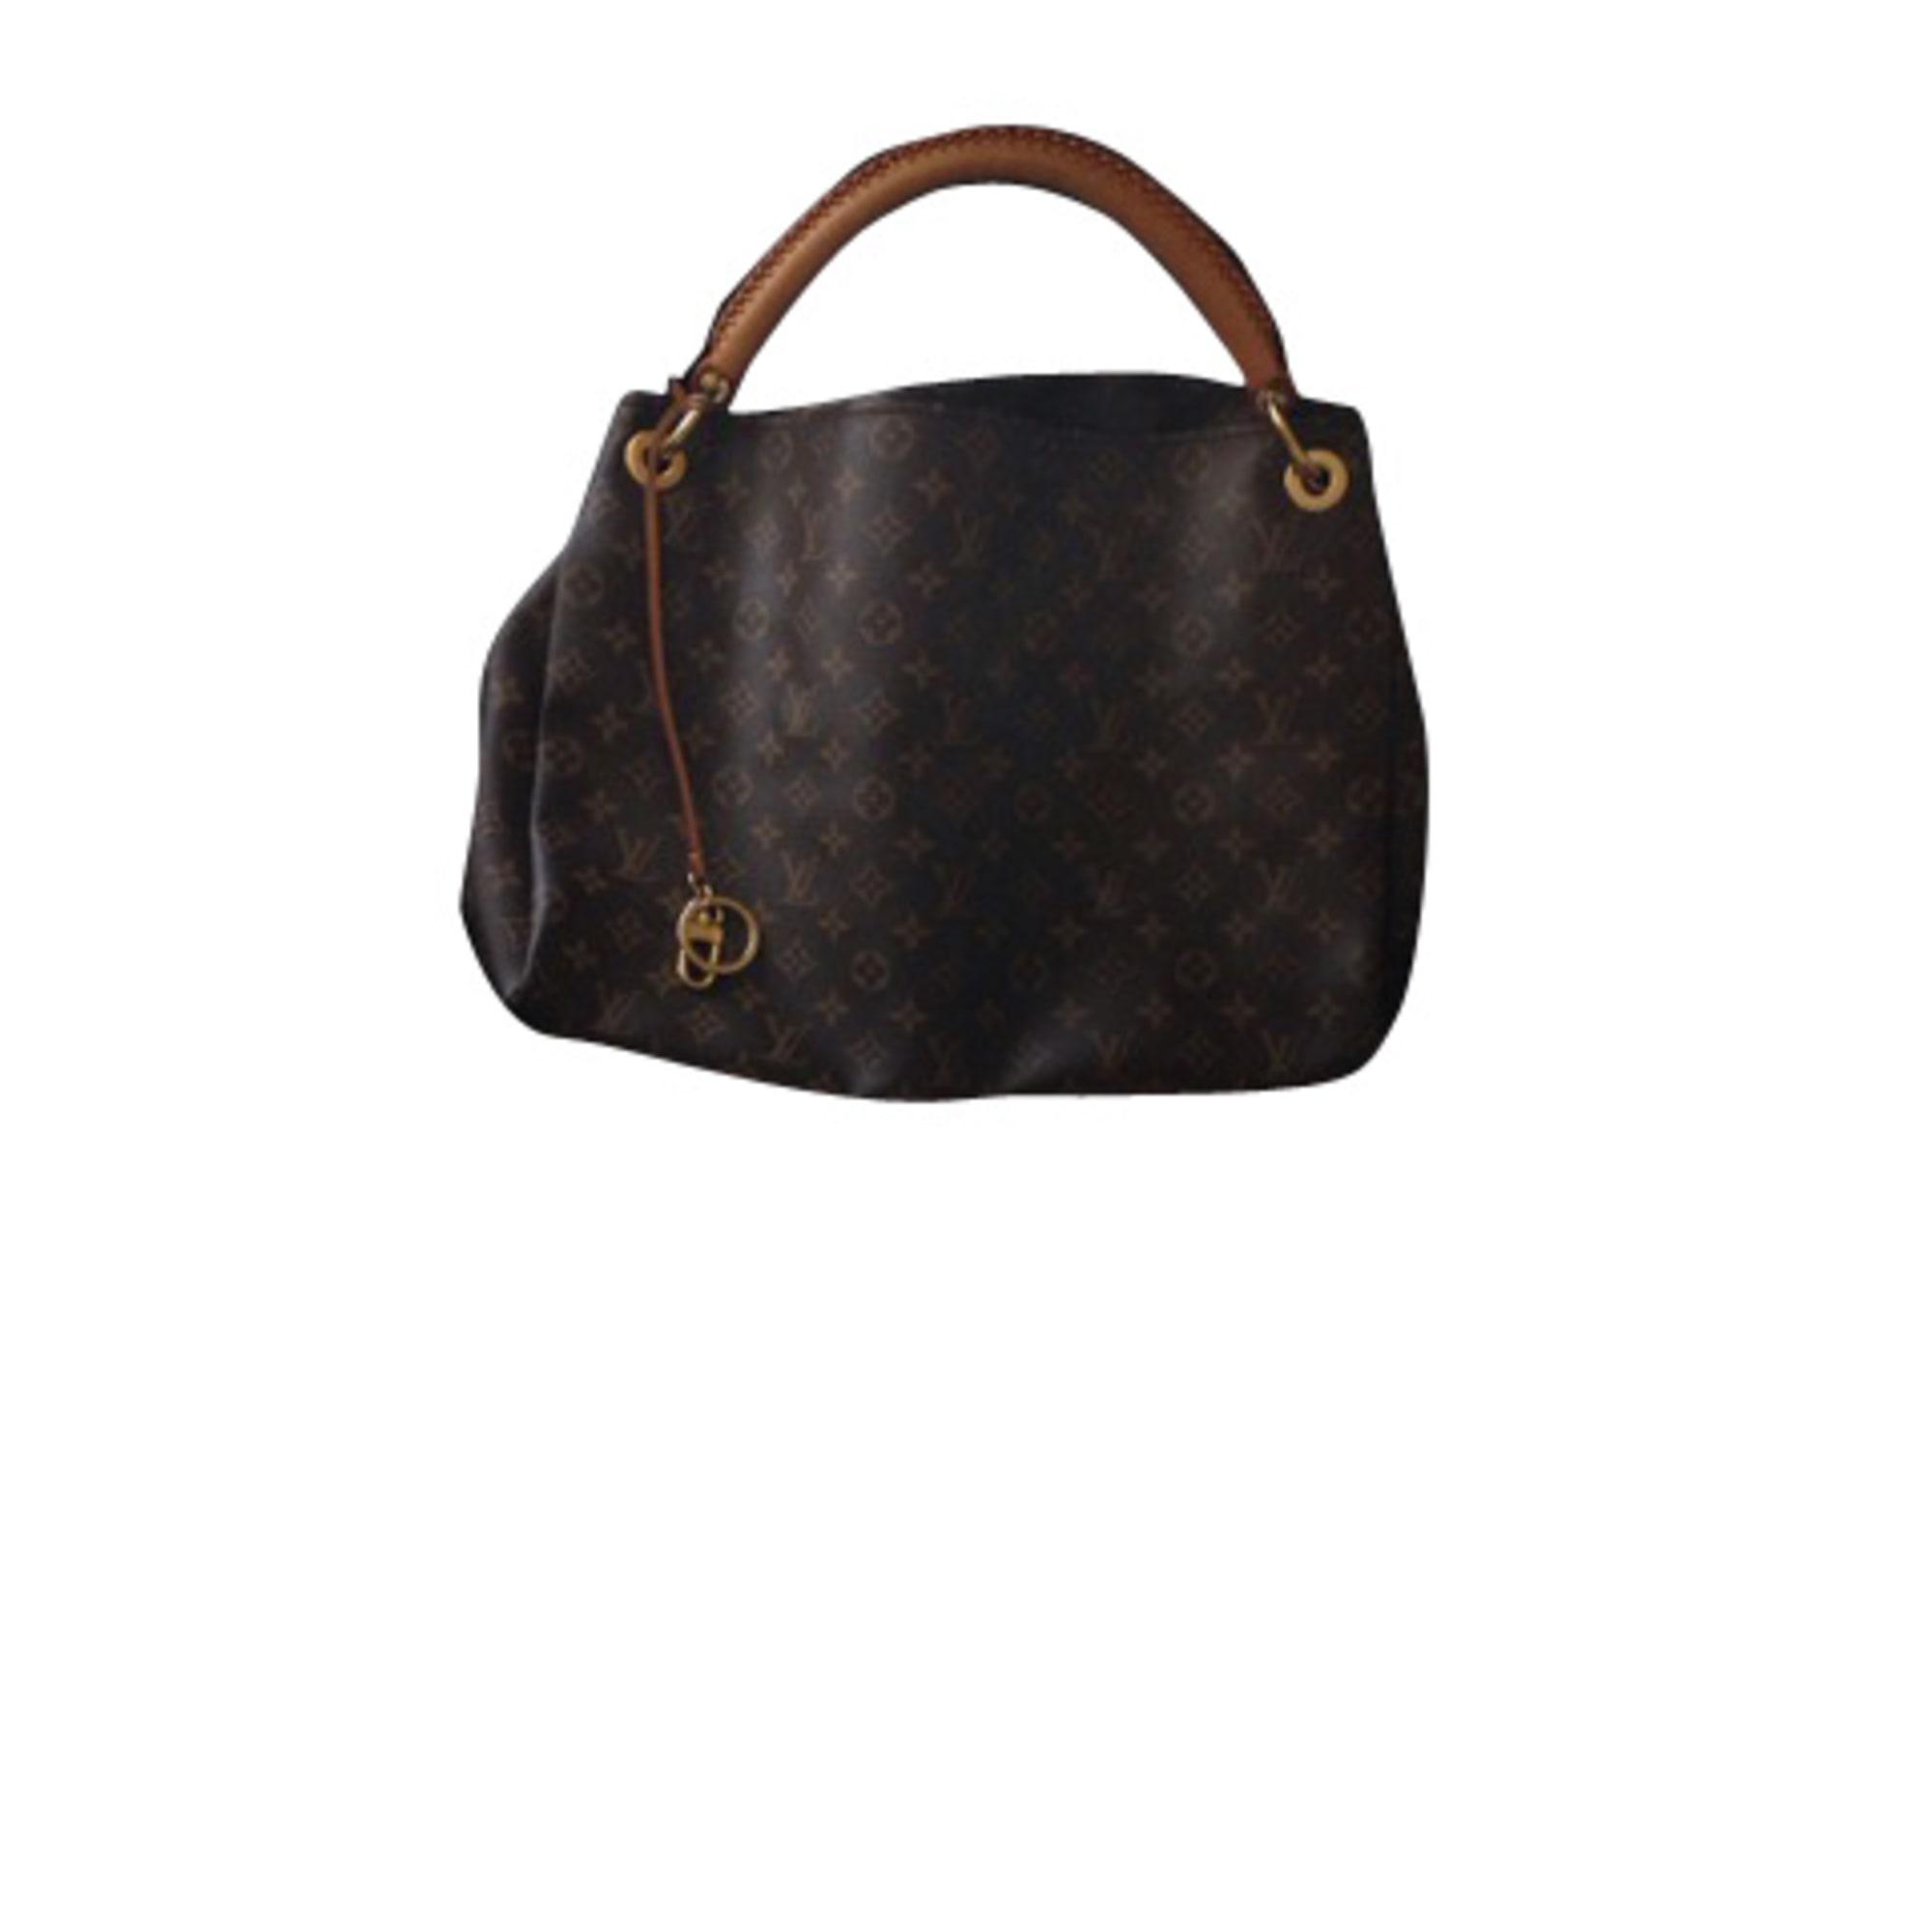 Sac XL en cuir LOUIS VUITTON marron vendu par Mistinguette10 - 2051732 5451a58e87d